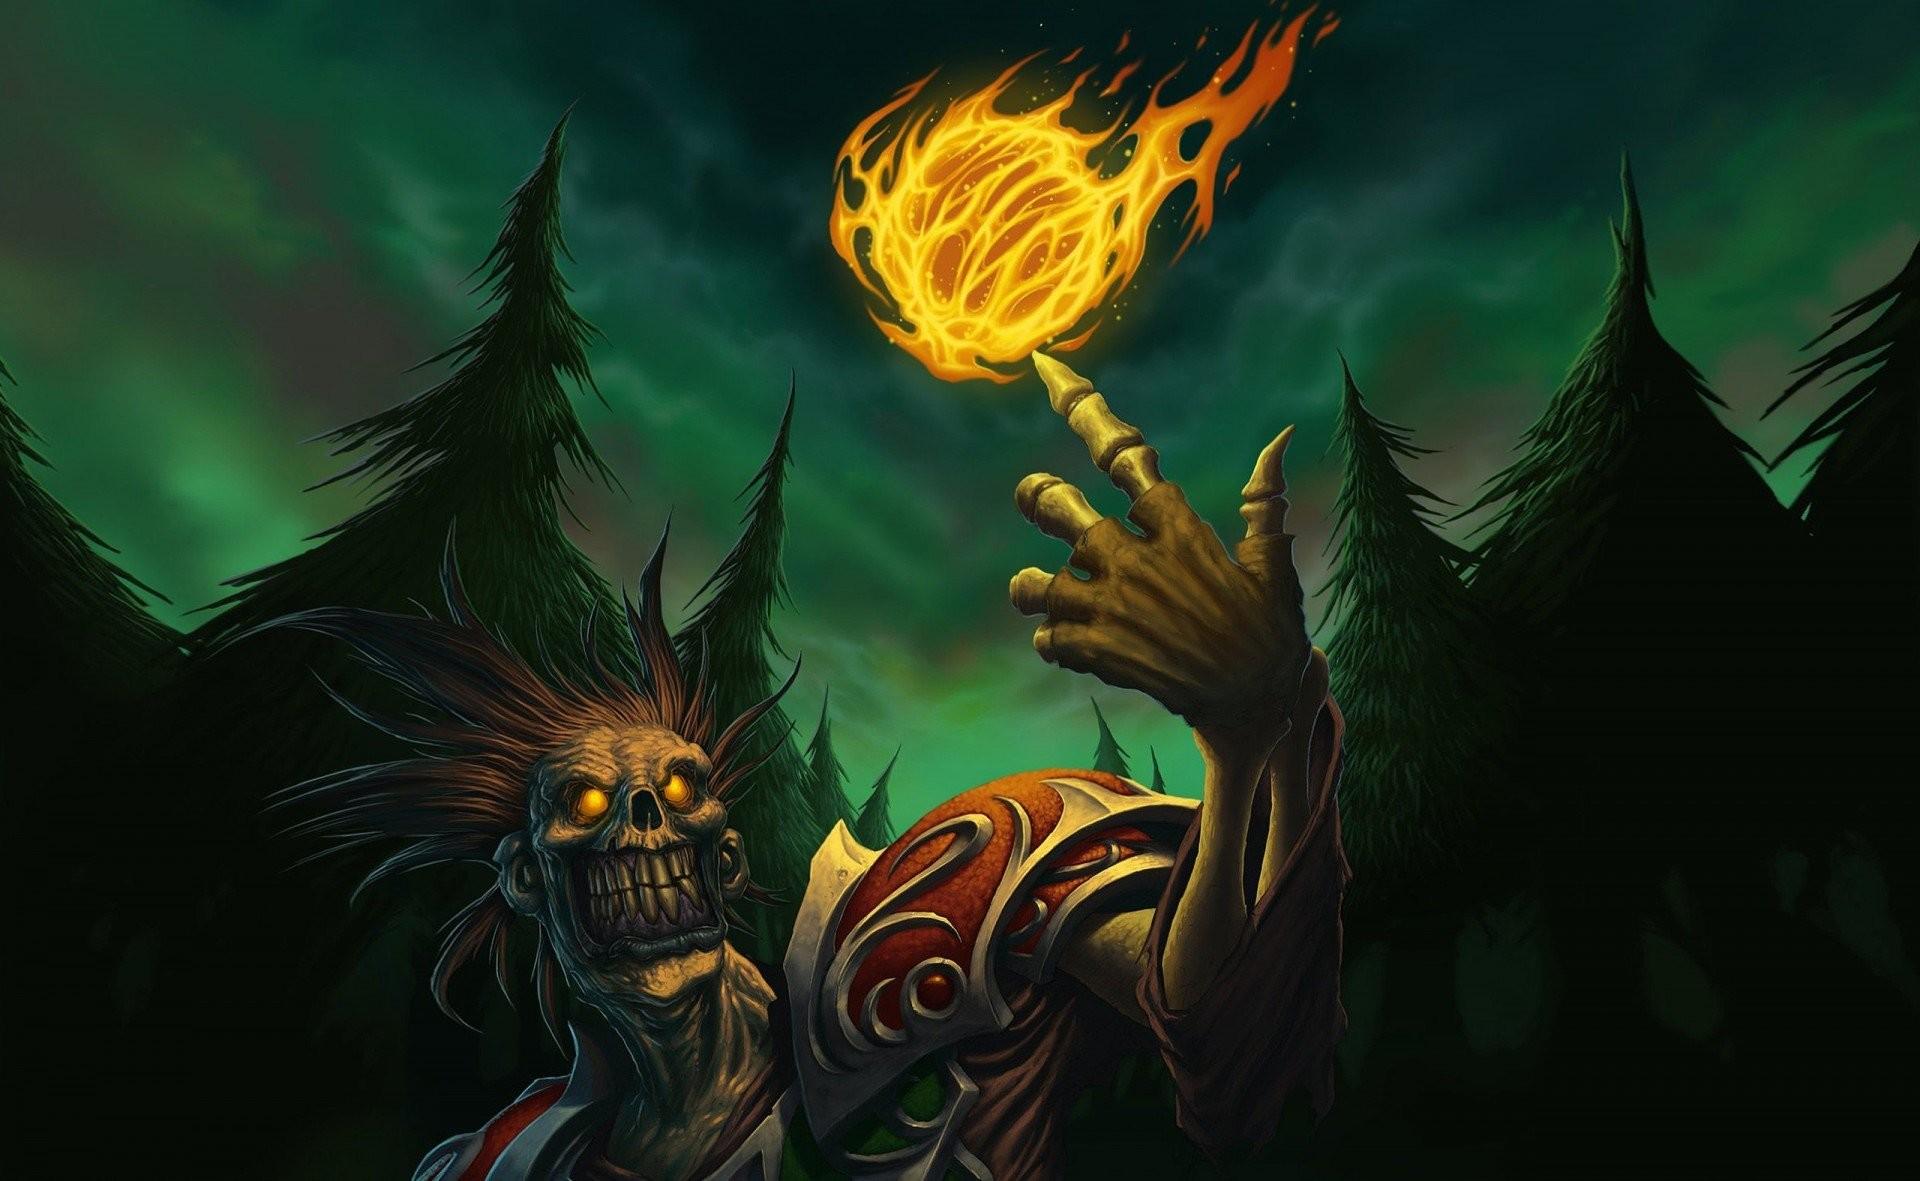 world of warcraft wow undead fireball